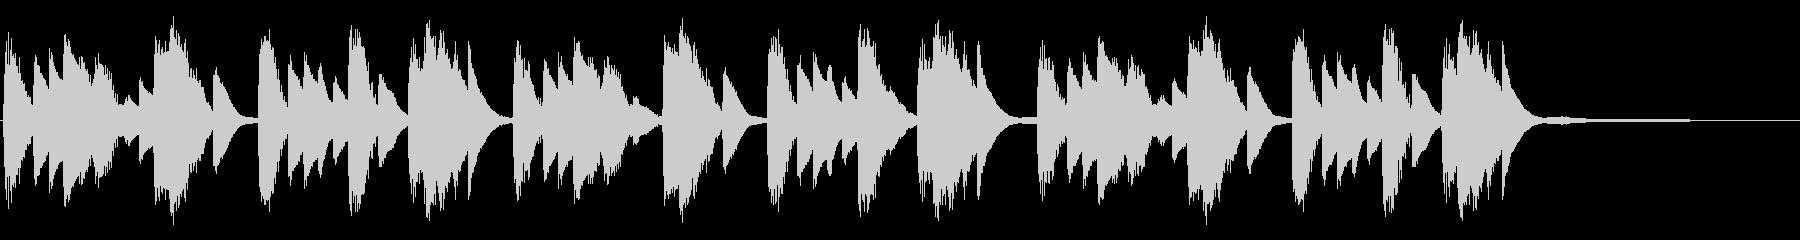 機能性・便利なイメージを与えるピアノソロの未再生の波形